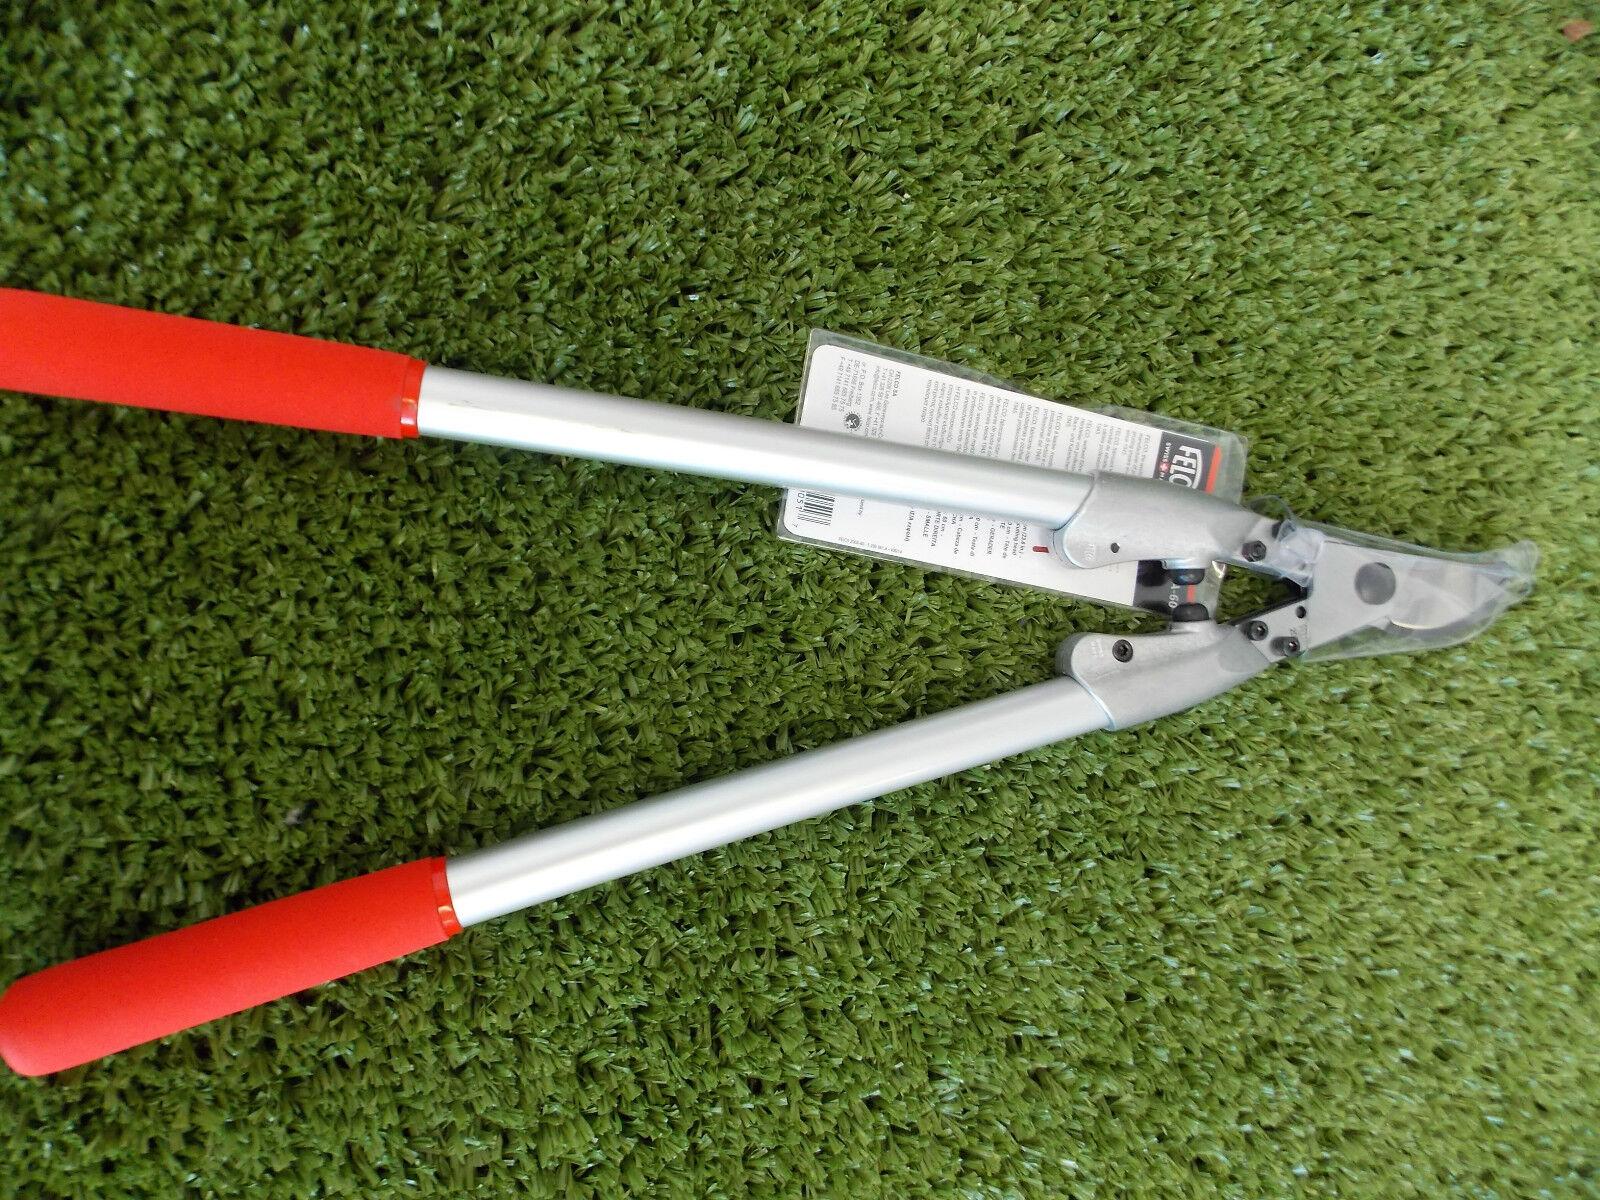 Felco Profi Astschere FELCO  210A-60 Baumschere Baumschere Baumschere Gartenschere Schnitt bis 35mm | Feine Verarbeitung  | Garantiere Qualität und Quantität  1ee071